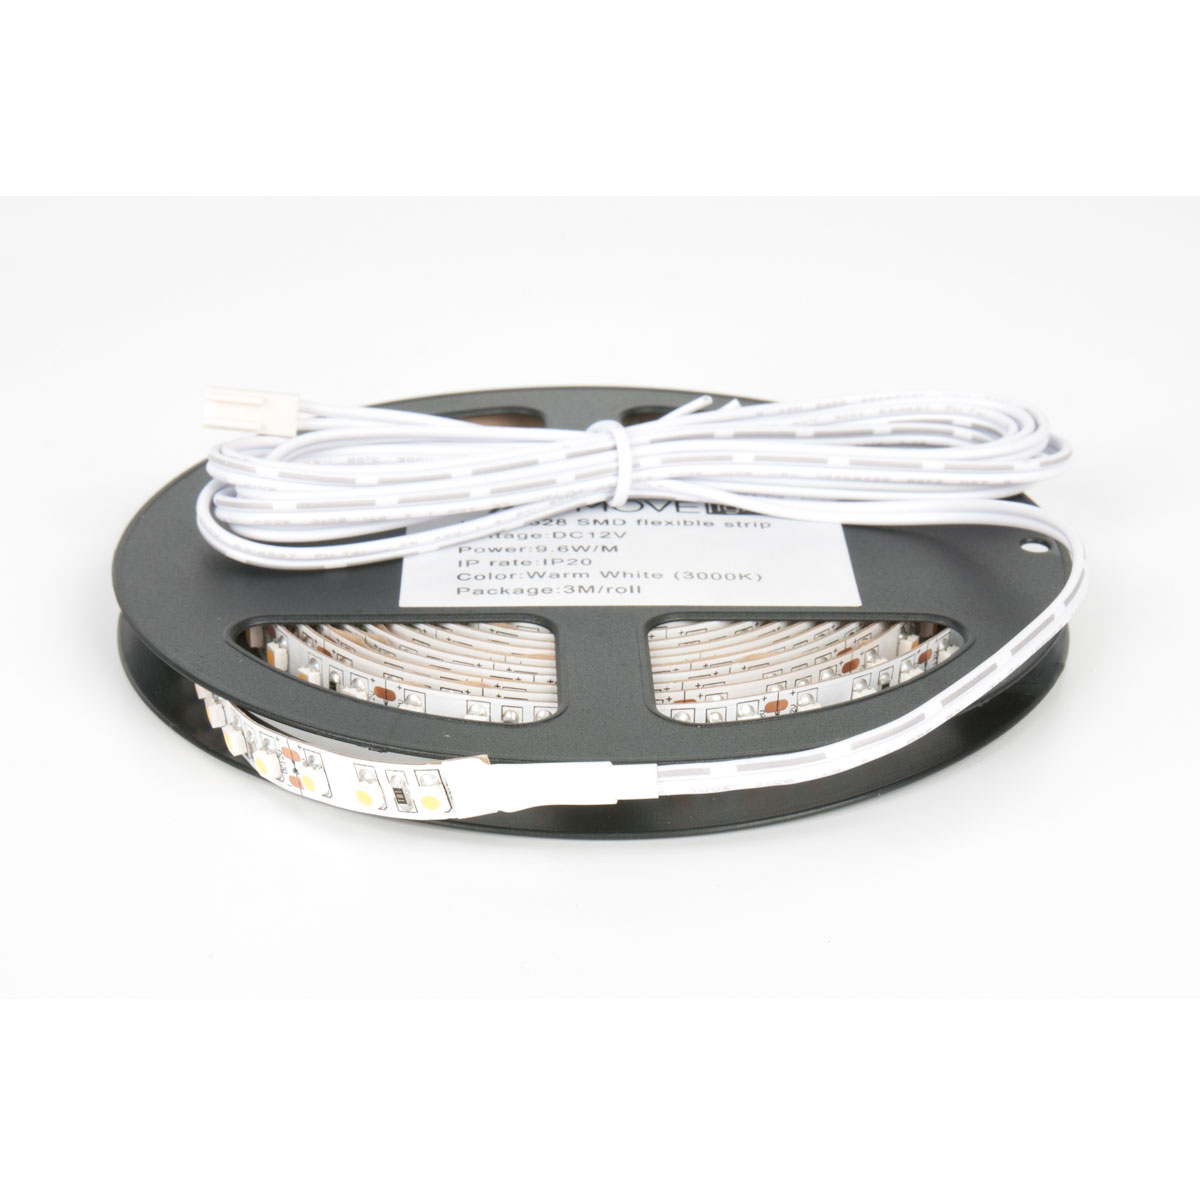 LED лента IP20 открытая, 8мм, 120 LED/м,  28Вт, 12В, 3м в кат., кабель пит. 2м с разъемом mini-plug теплый